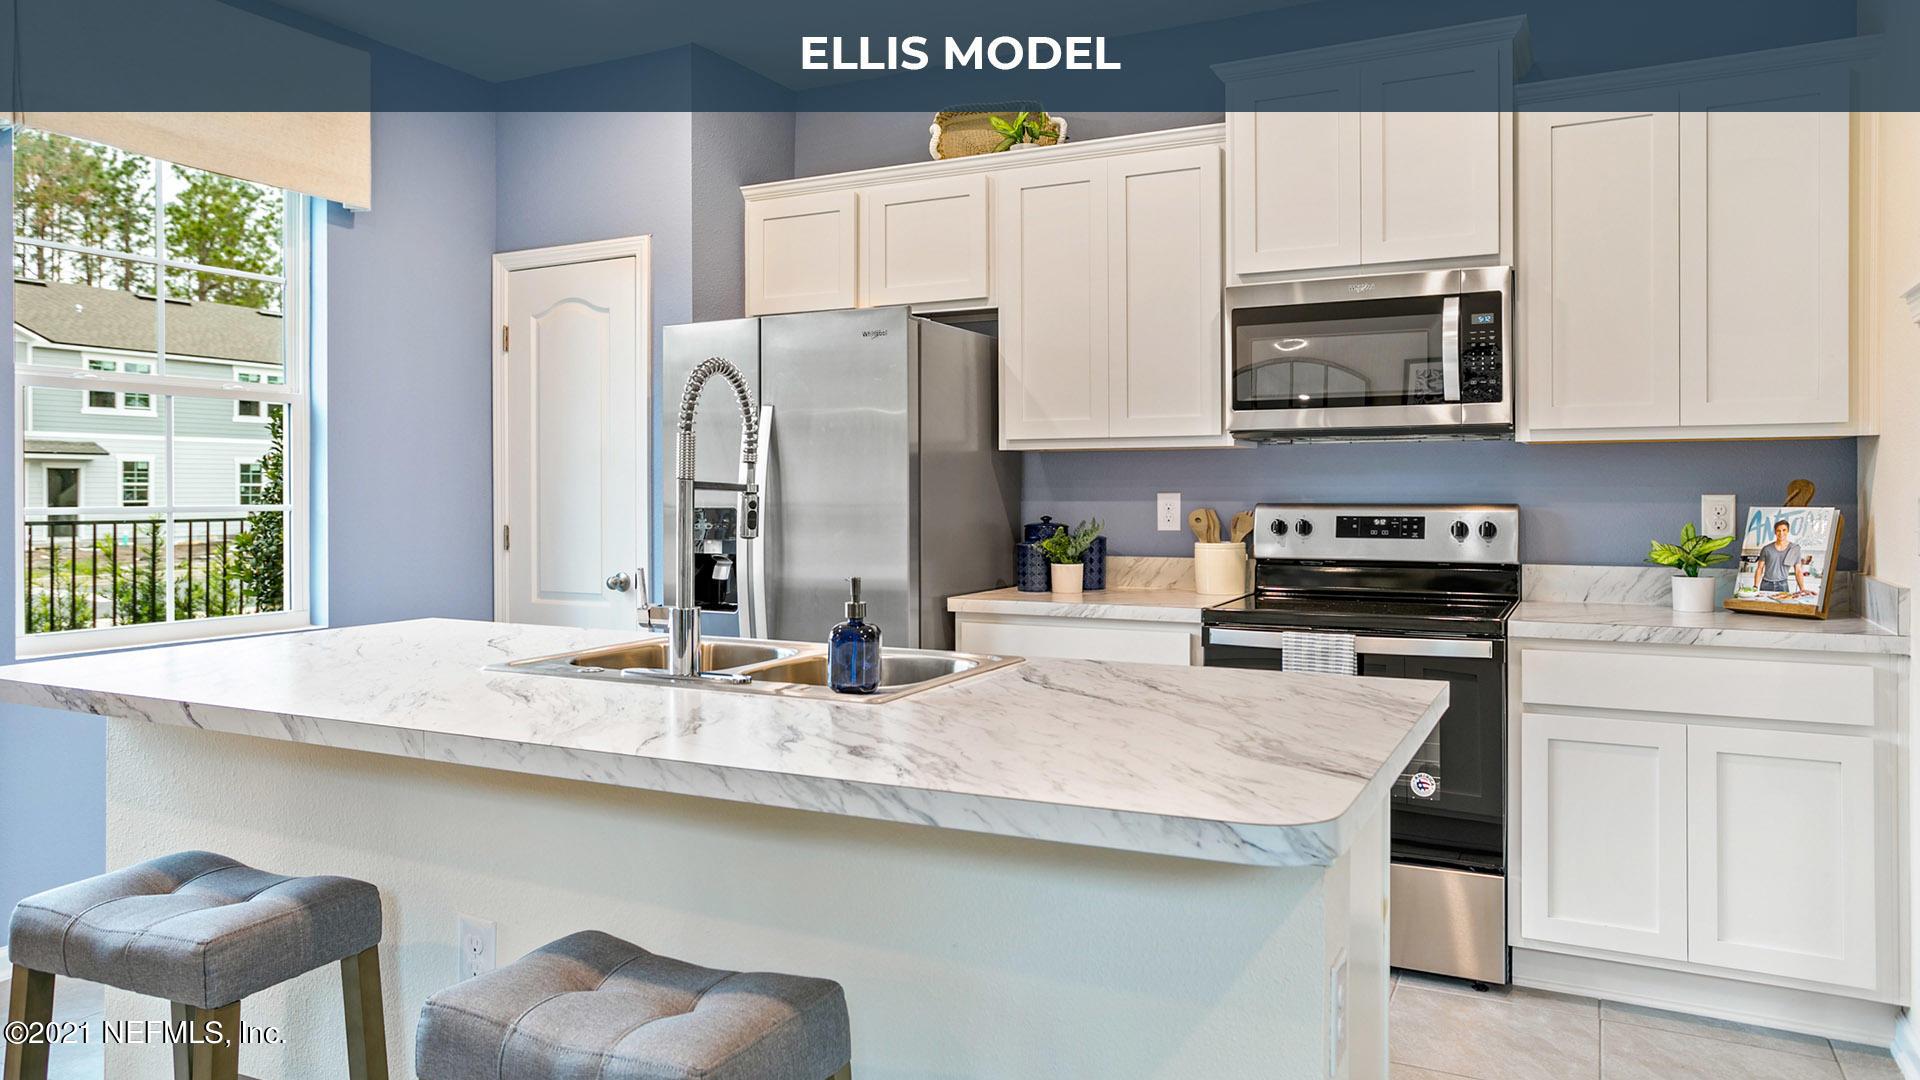 575 OAKLEAF PLANTATION, ORANGE PARK, FLORIDA 32065, 3 Bedrooms Bedrooms, ,2 BathroomsBathrooms,Residential,For sale,OAKLEAF PLANTATION,1096081